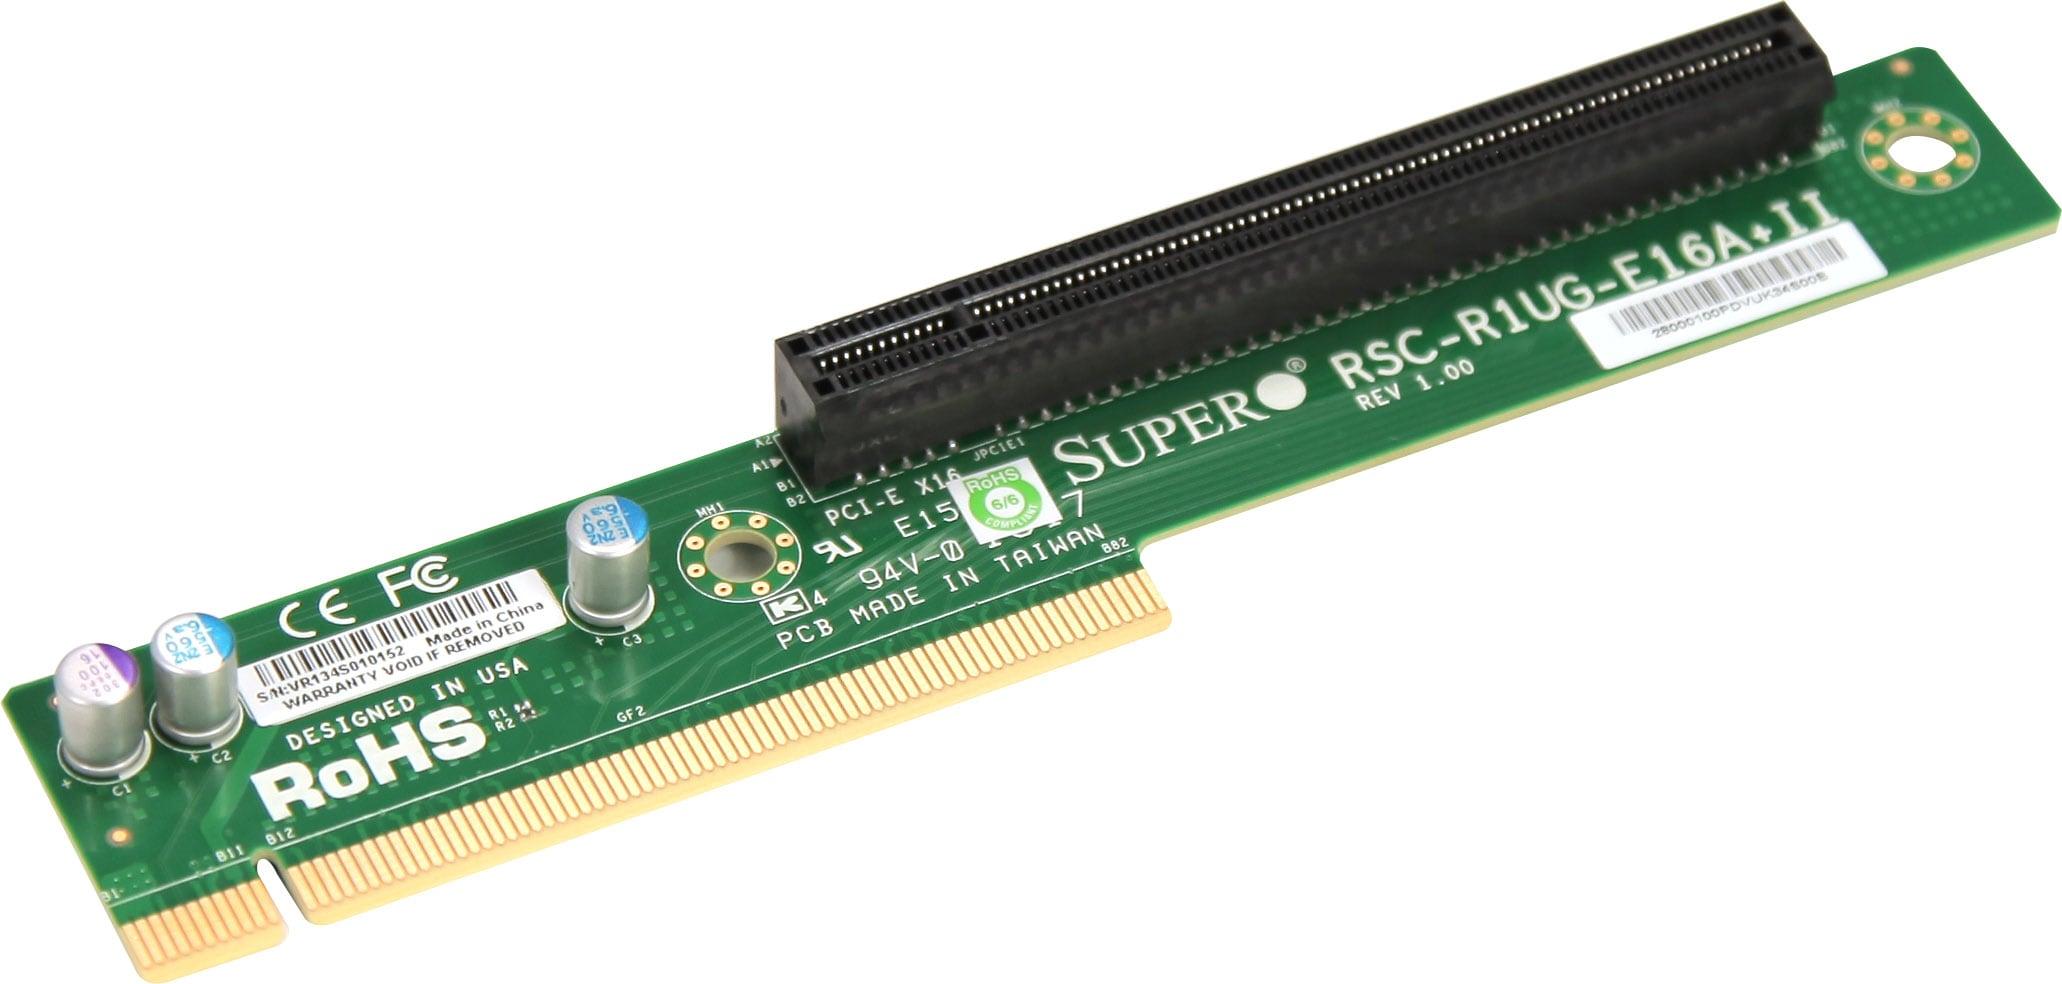 Zdjecie - RSC-R1UG-E16A+II - Supermicro